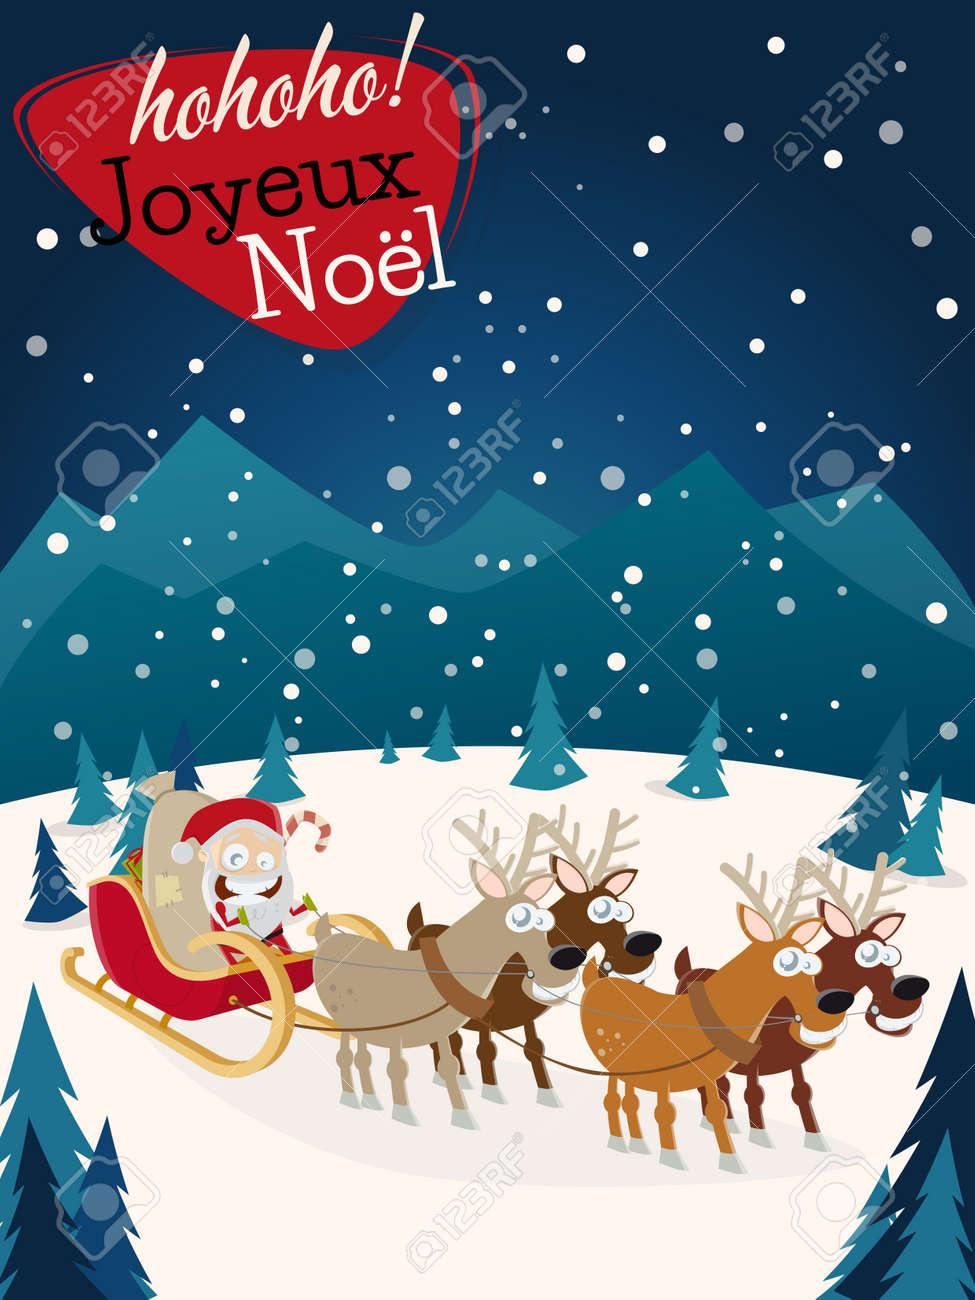 Weihnachtsgrüße In Französisch.Stock Photo